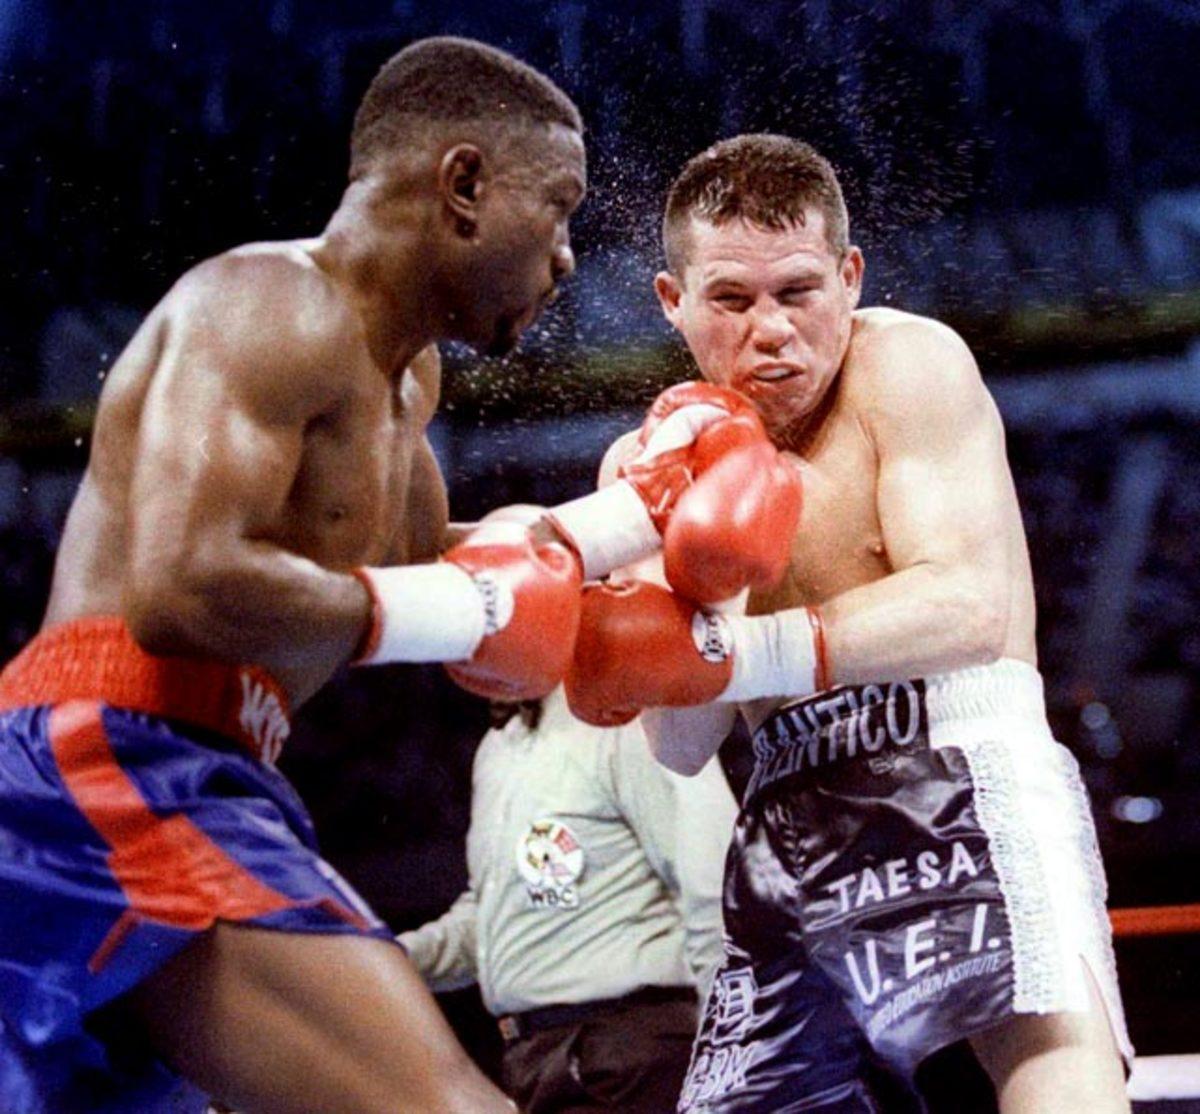 September 10, 1993